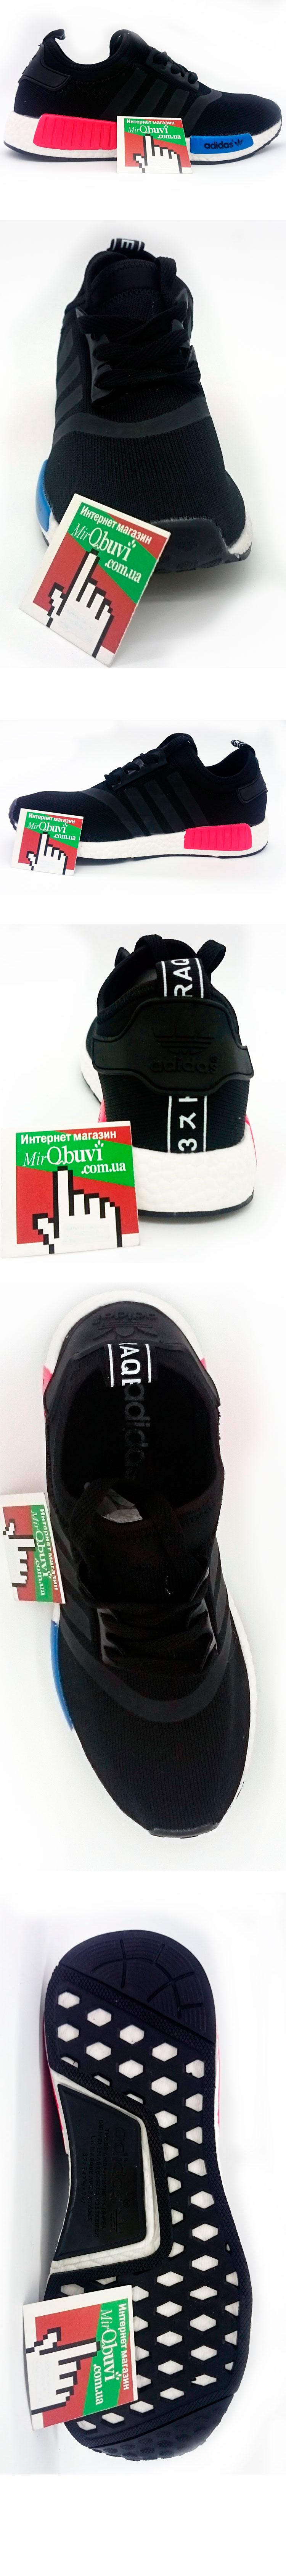 большое фото №5 Кроссовки Adidas boost NMD черные